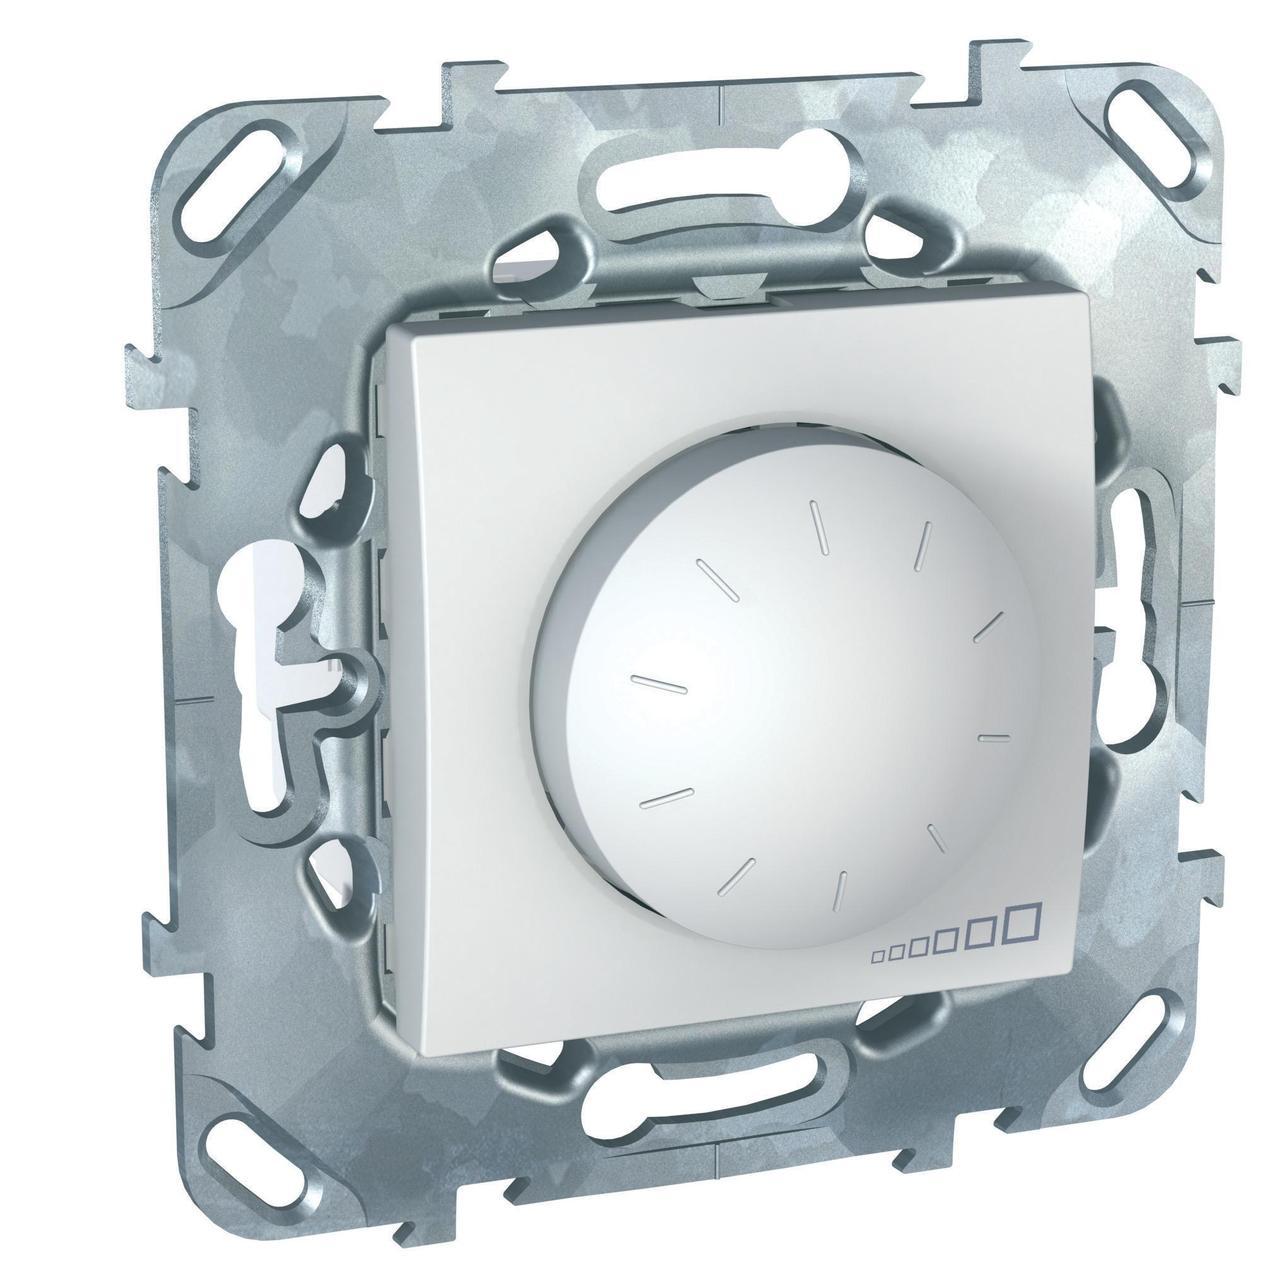 Диммер поворотно-нажимной , 400Вт для ламп накаливания , Белый, серия Unica, Schneider Electric